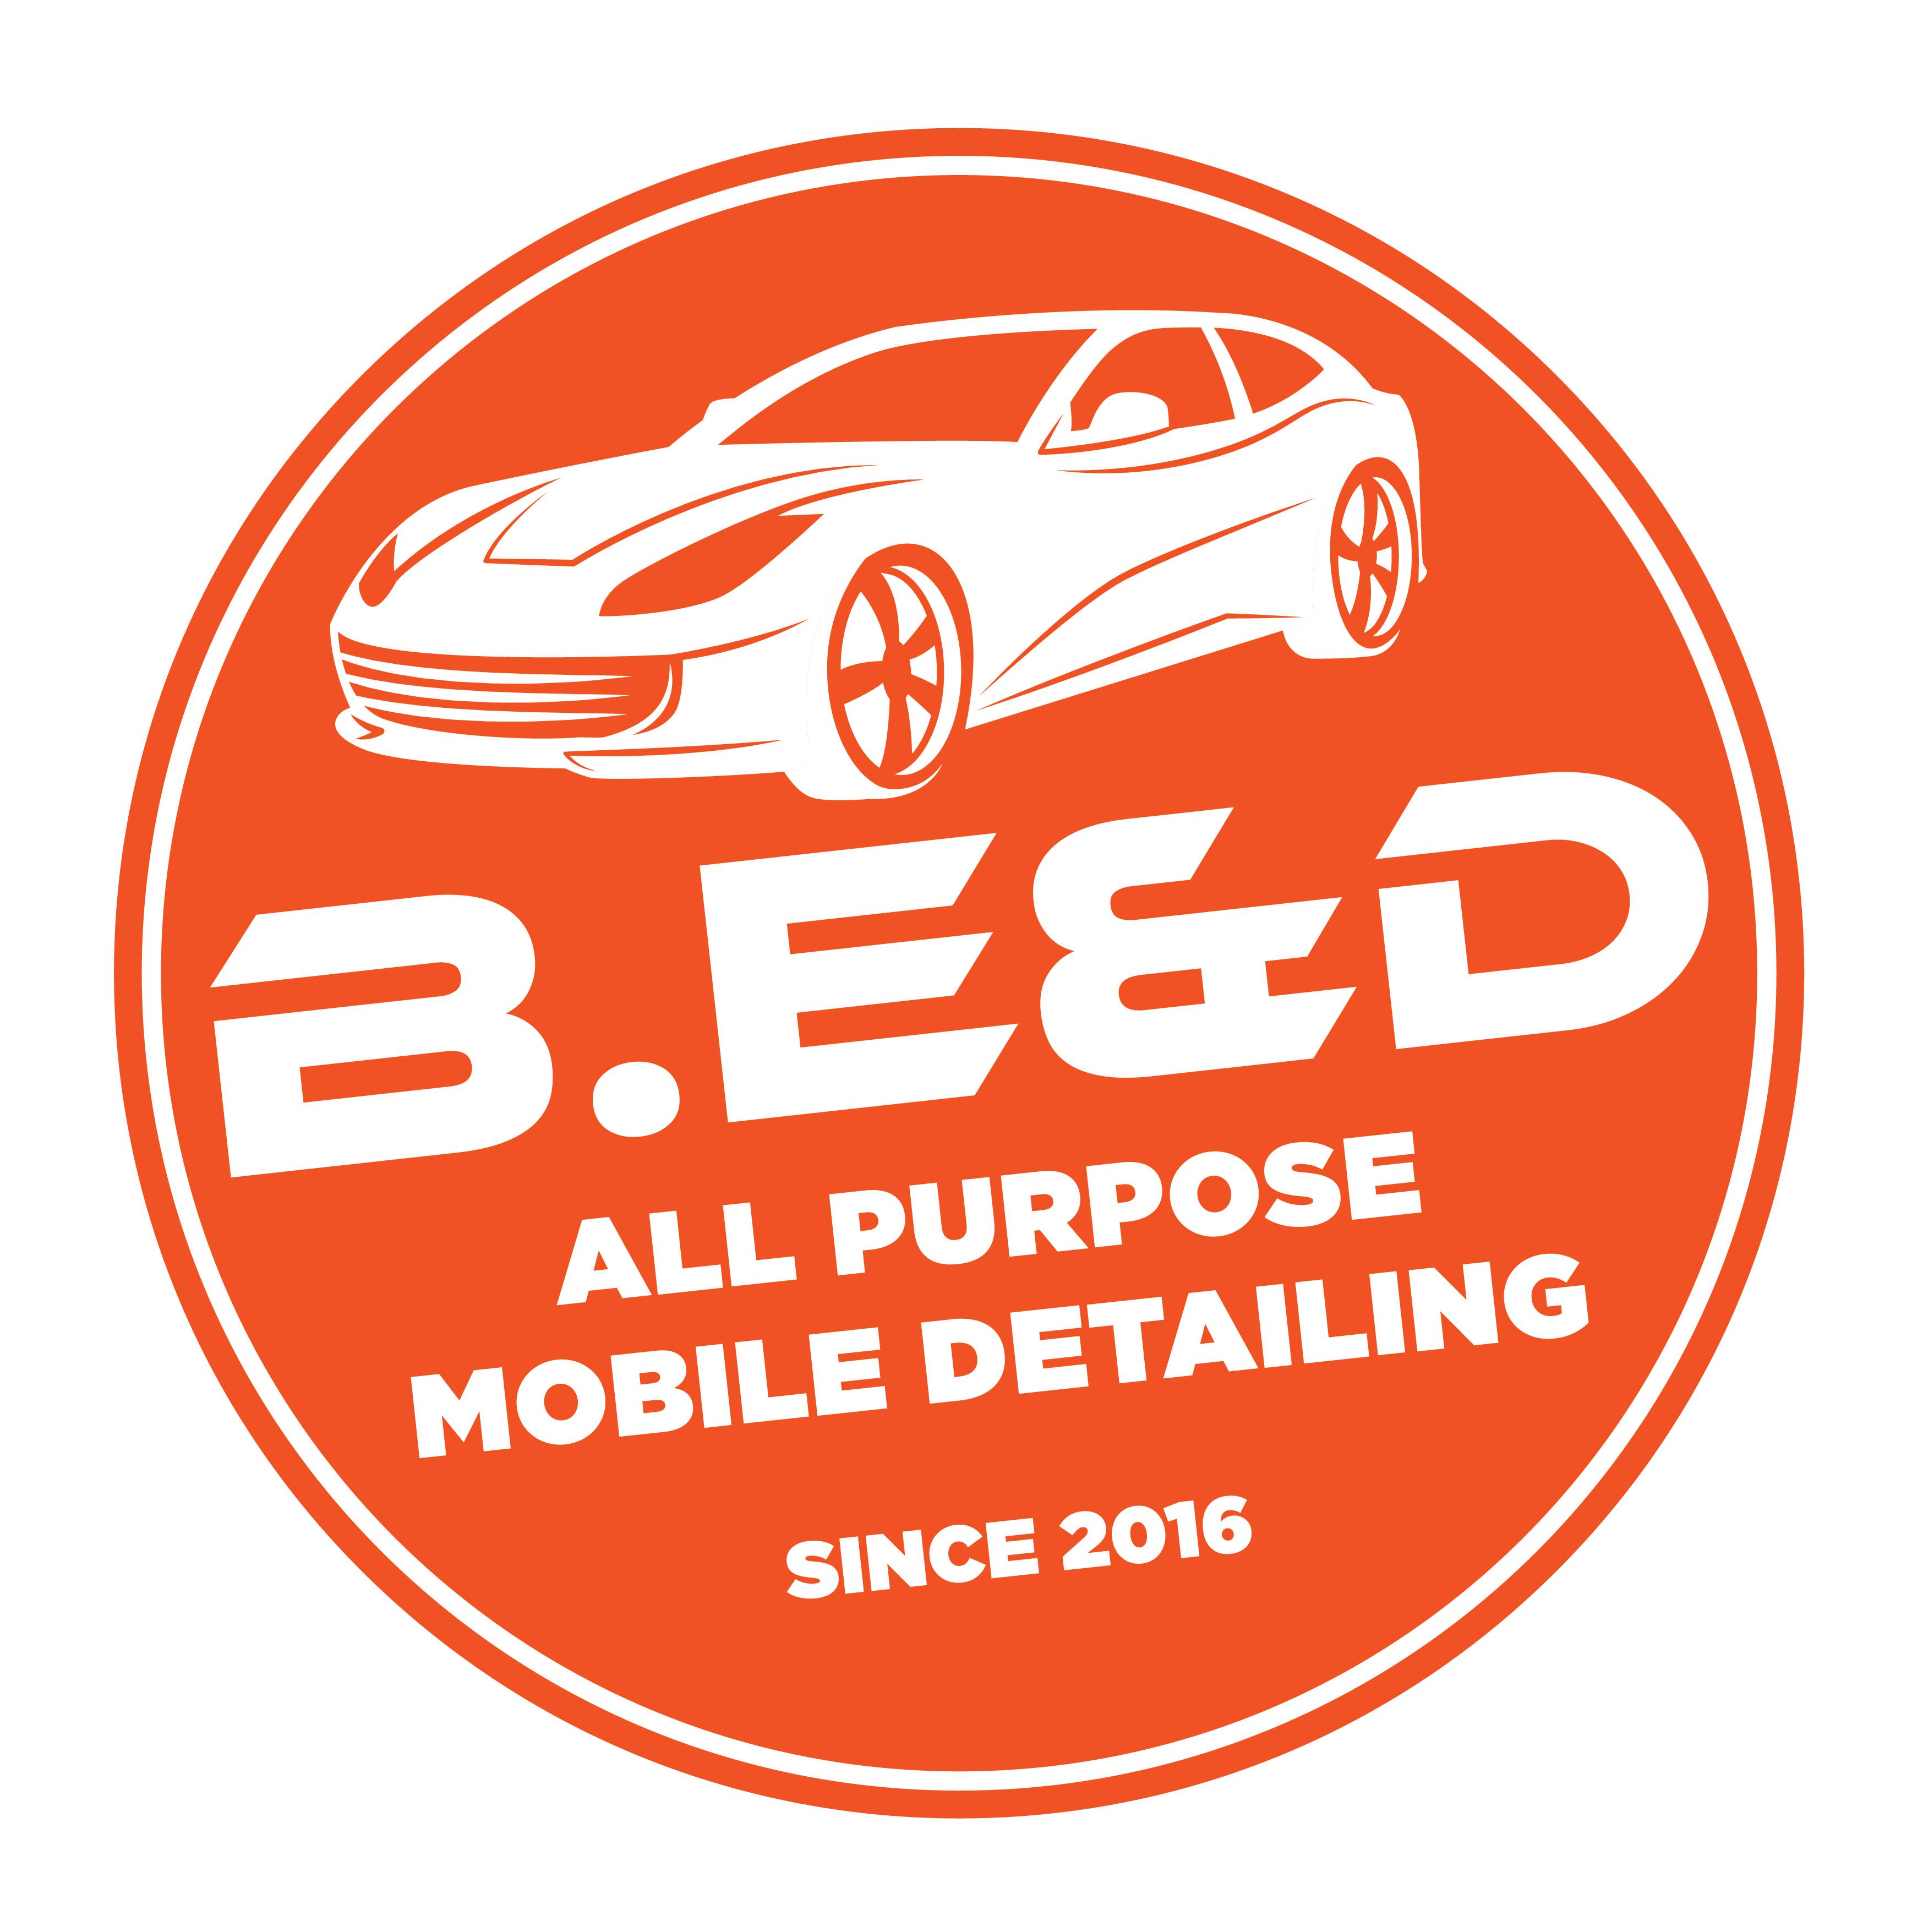 B.D&E Logo Redesign